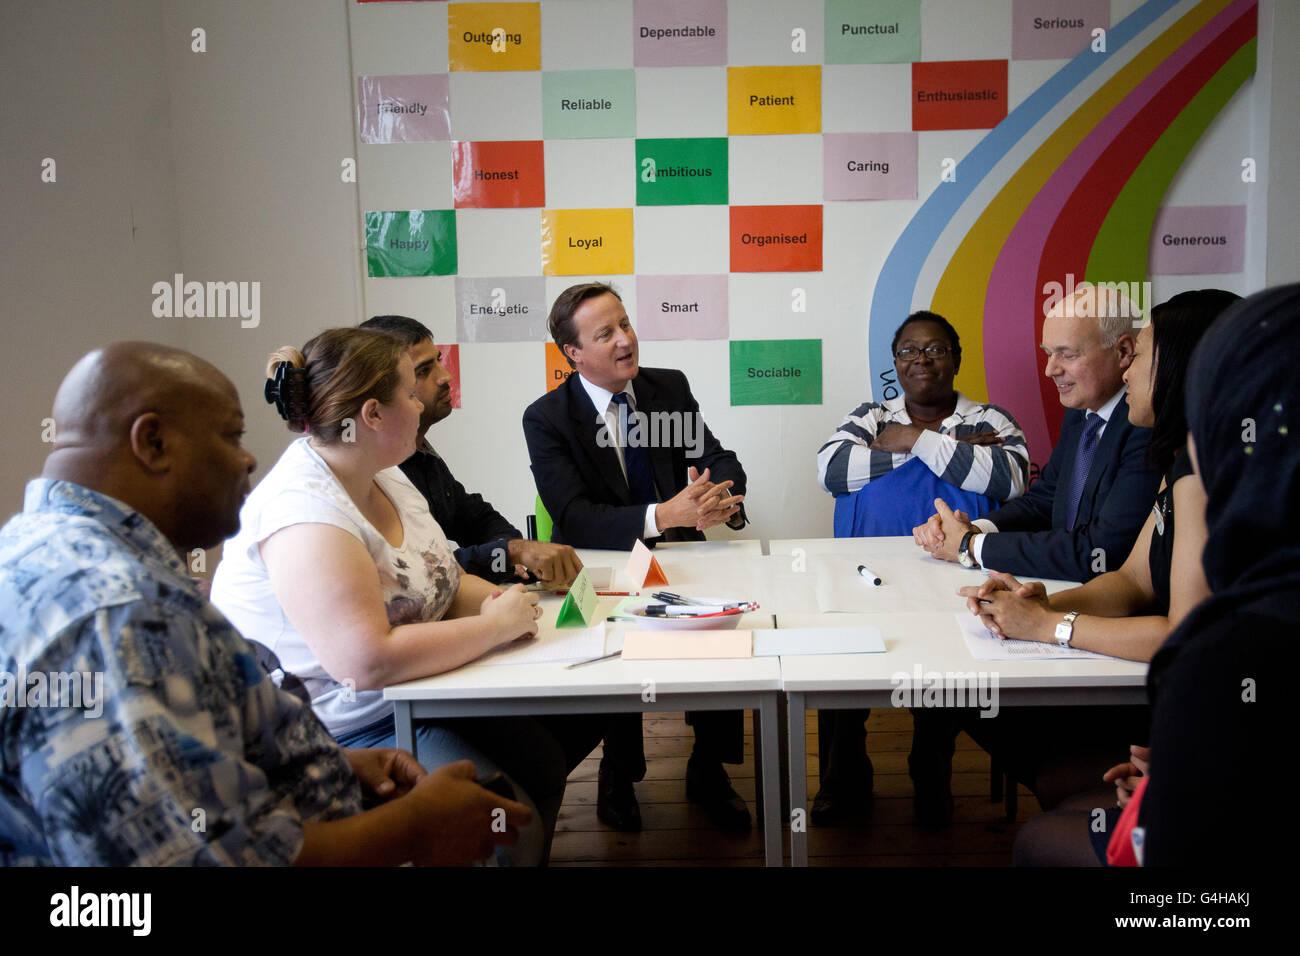 Il primo Ministro David Cameron e il Segretario di Stato per il lavoro e le pensioni Iain Duncan Smith si uniscono a una sessione di formazione di competenze trasferibili durante una visita agli uffici A4e (azione per l'occupazione) a Brixton, a sud di Londra. Foto Stock